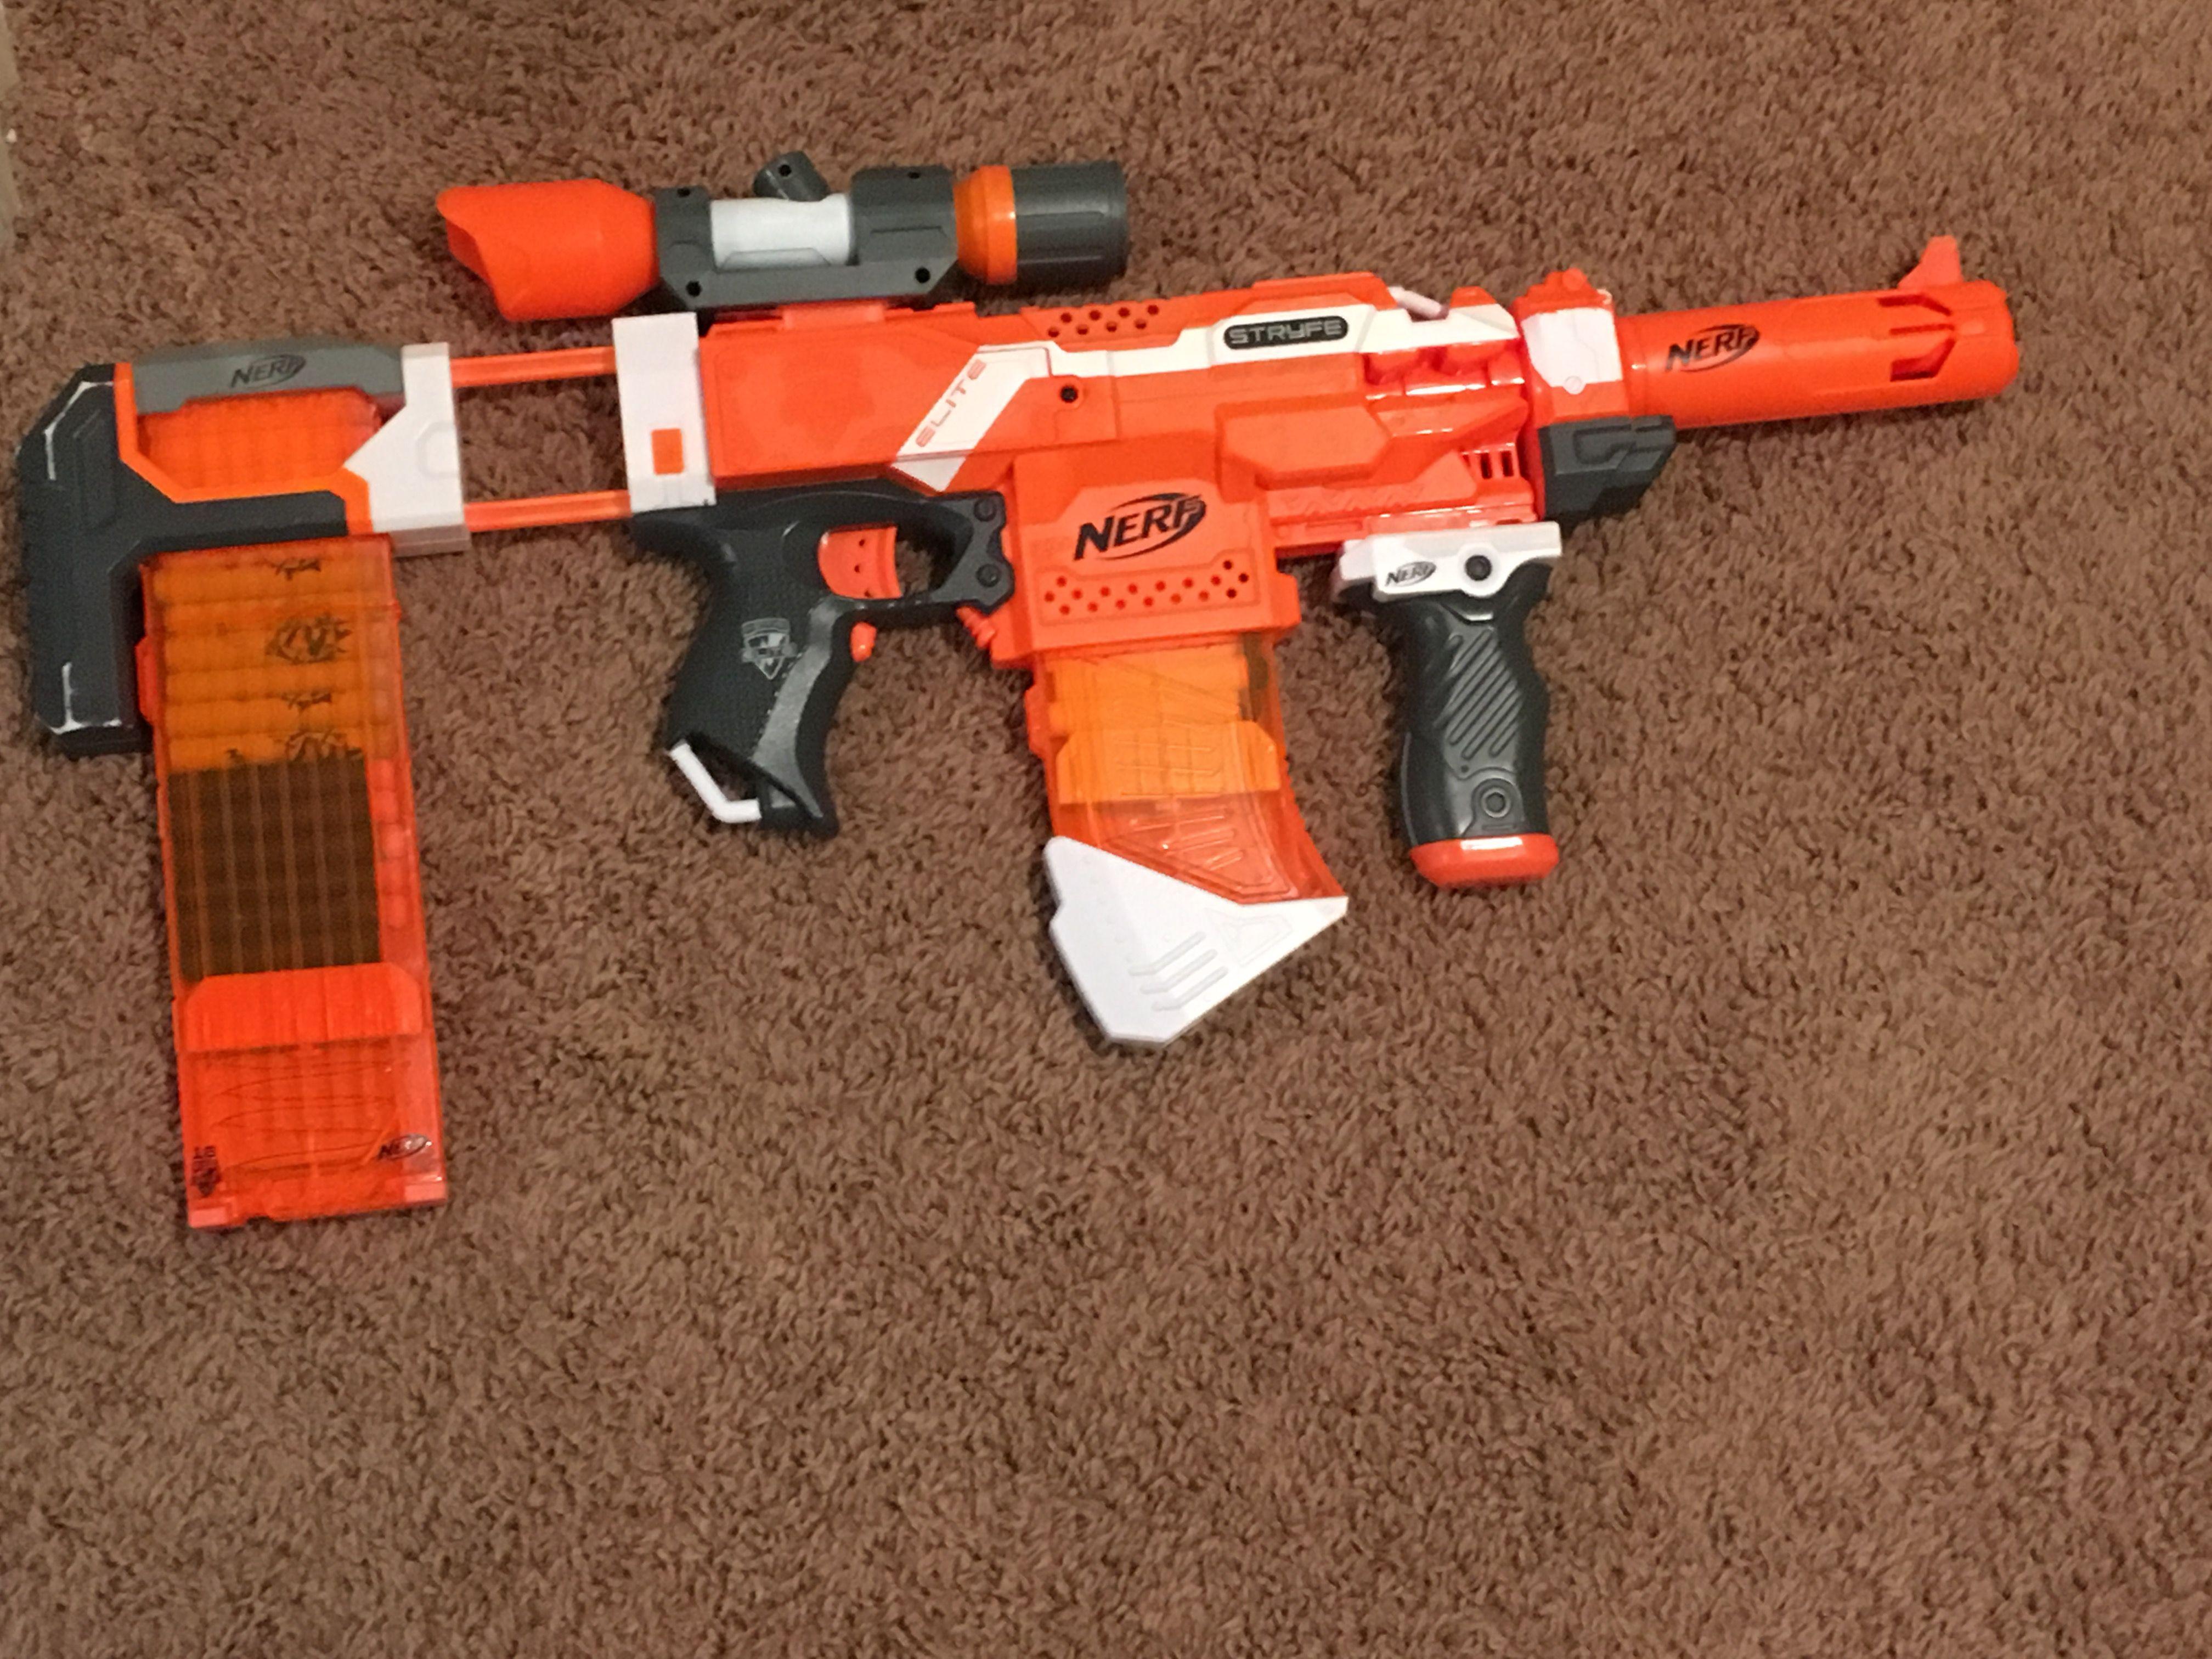 Nerf AK47 stryfe mod | Nerf | Nerf war, Nerf, Nerf mod